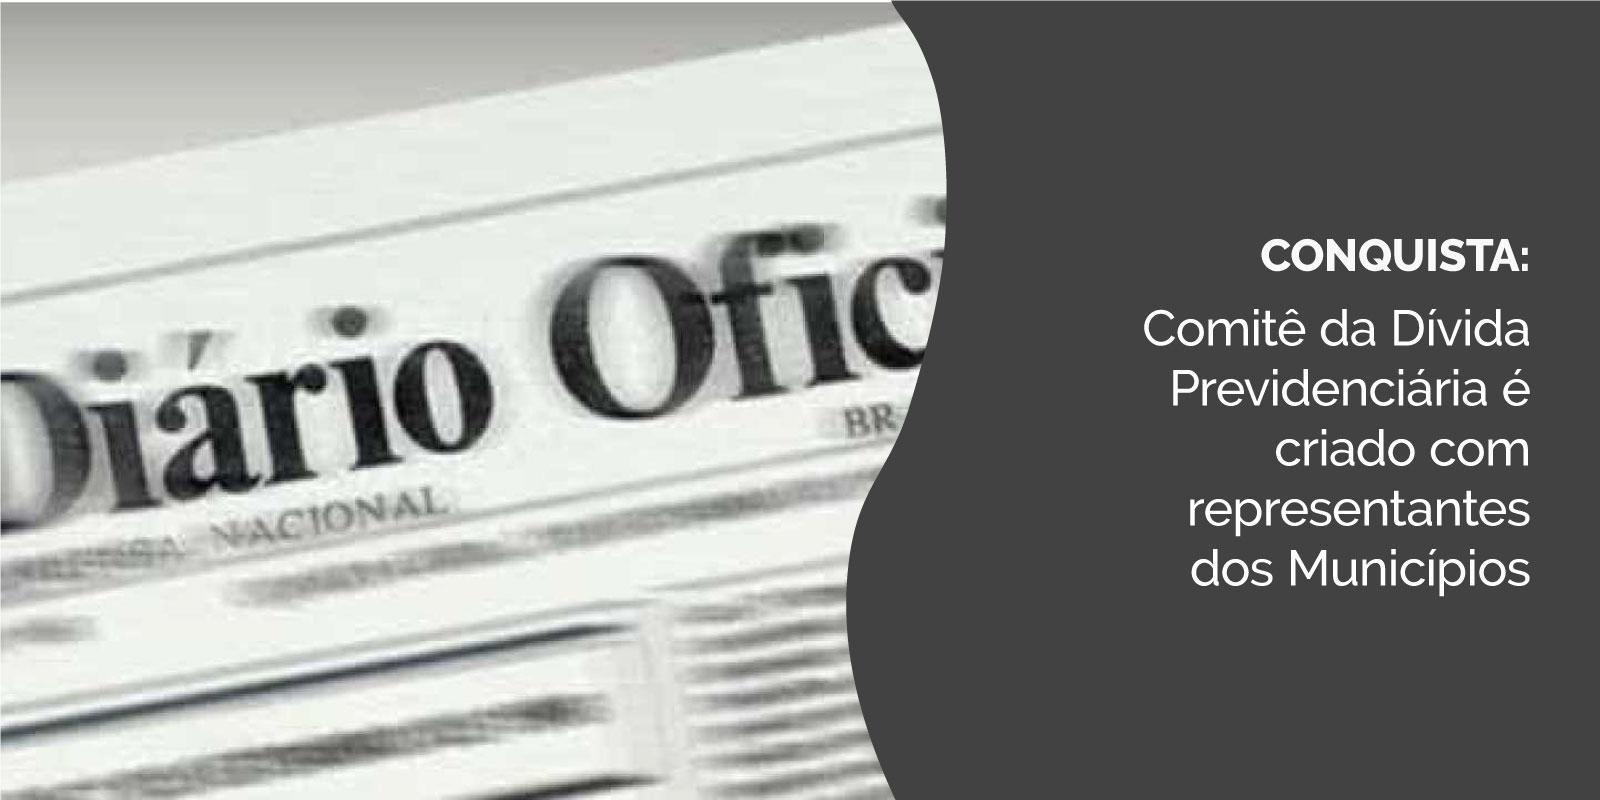 CONQUISTA: Comitê da Dívida Previdenciária é criado com representantes dos Municípios